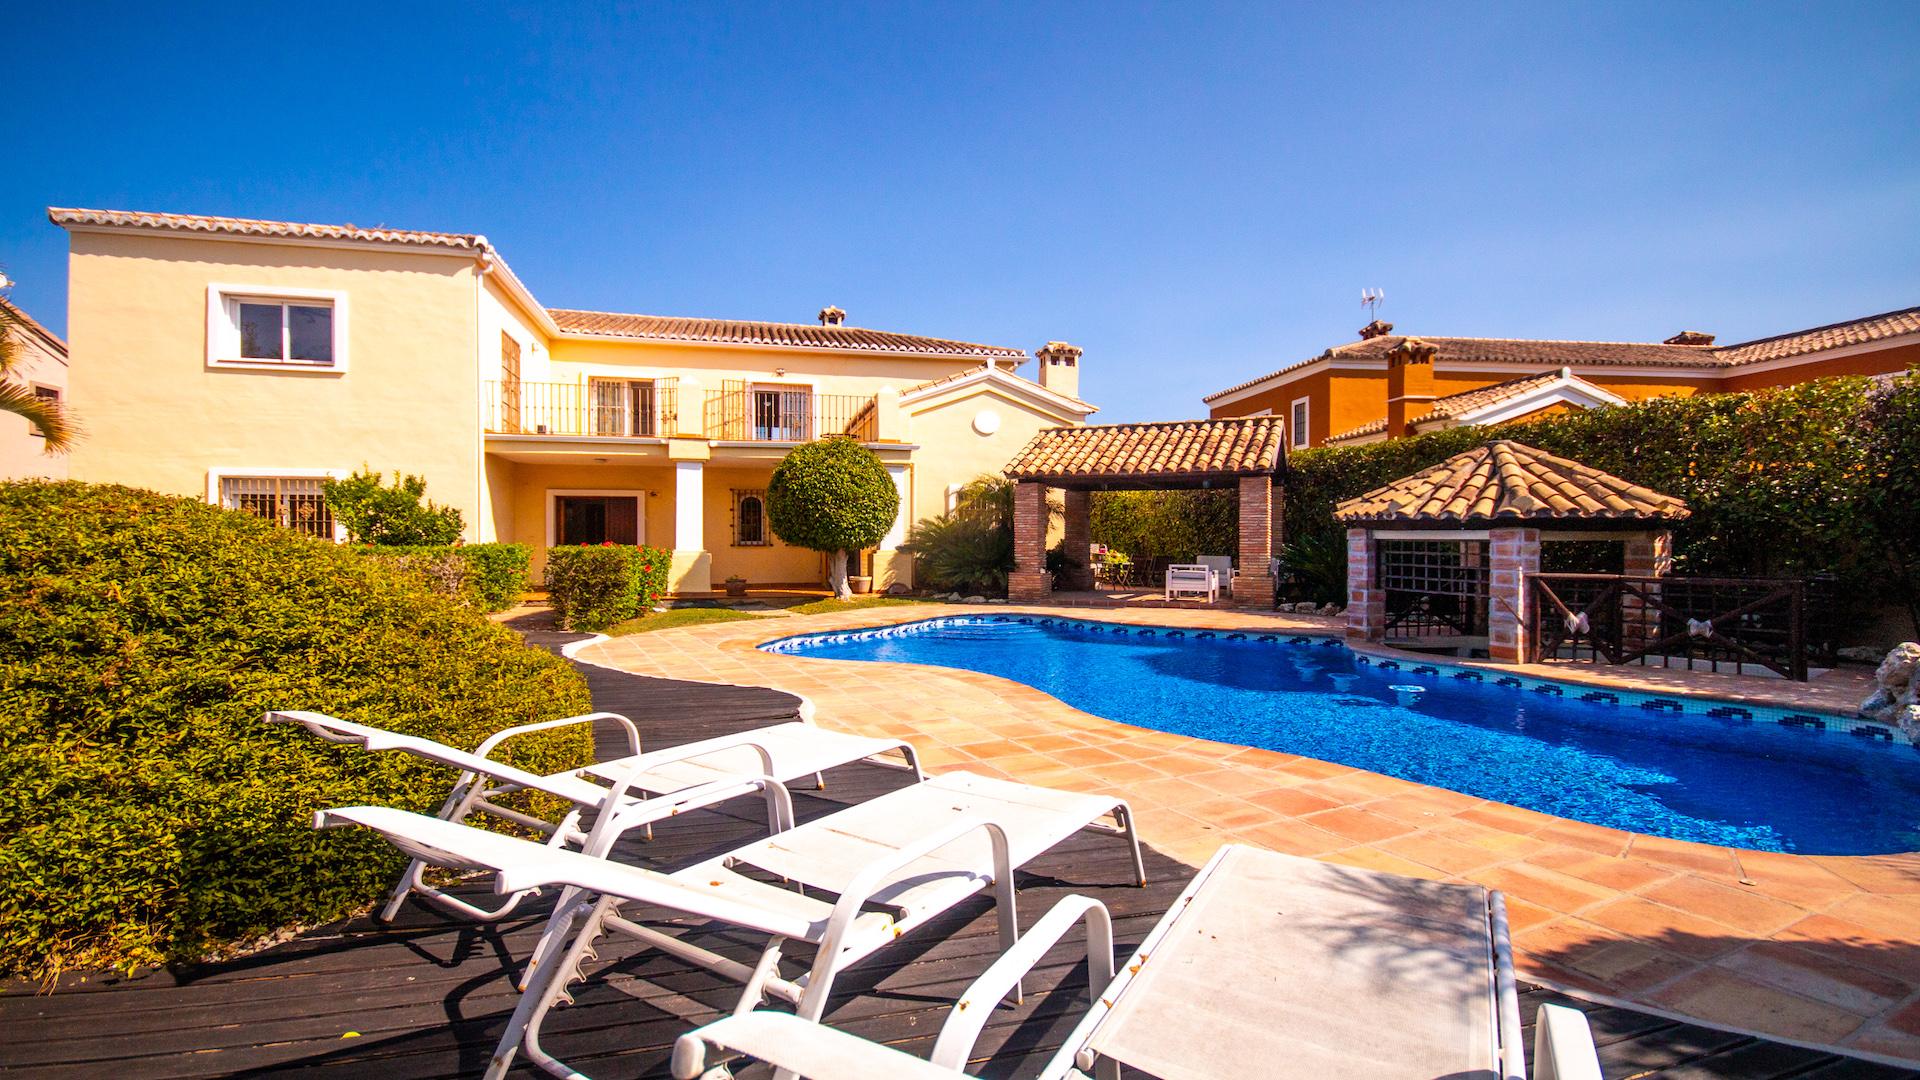 6 Bedroom Villa In Guadalmina For Rental : NOW RENTED